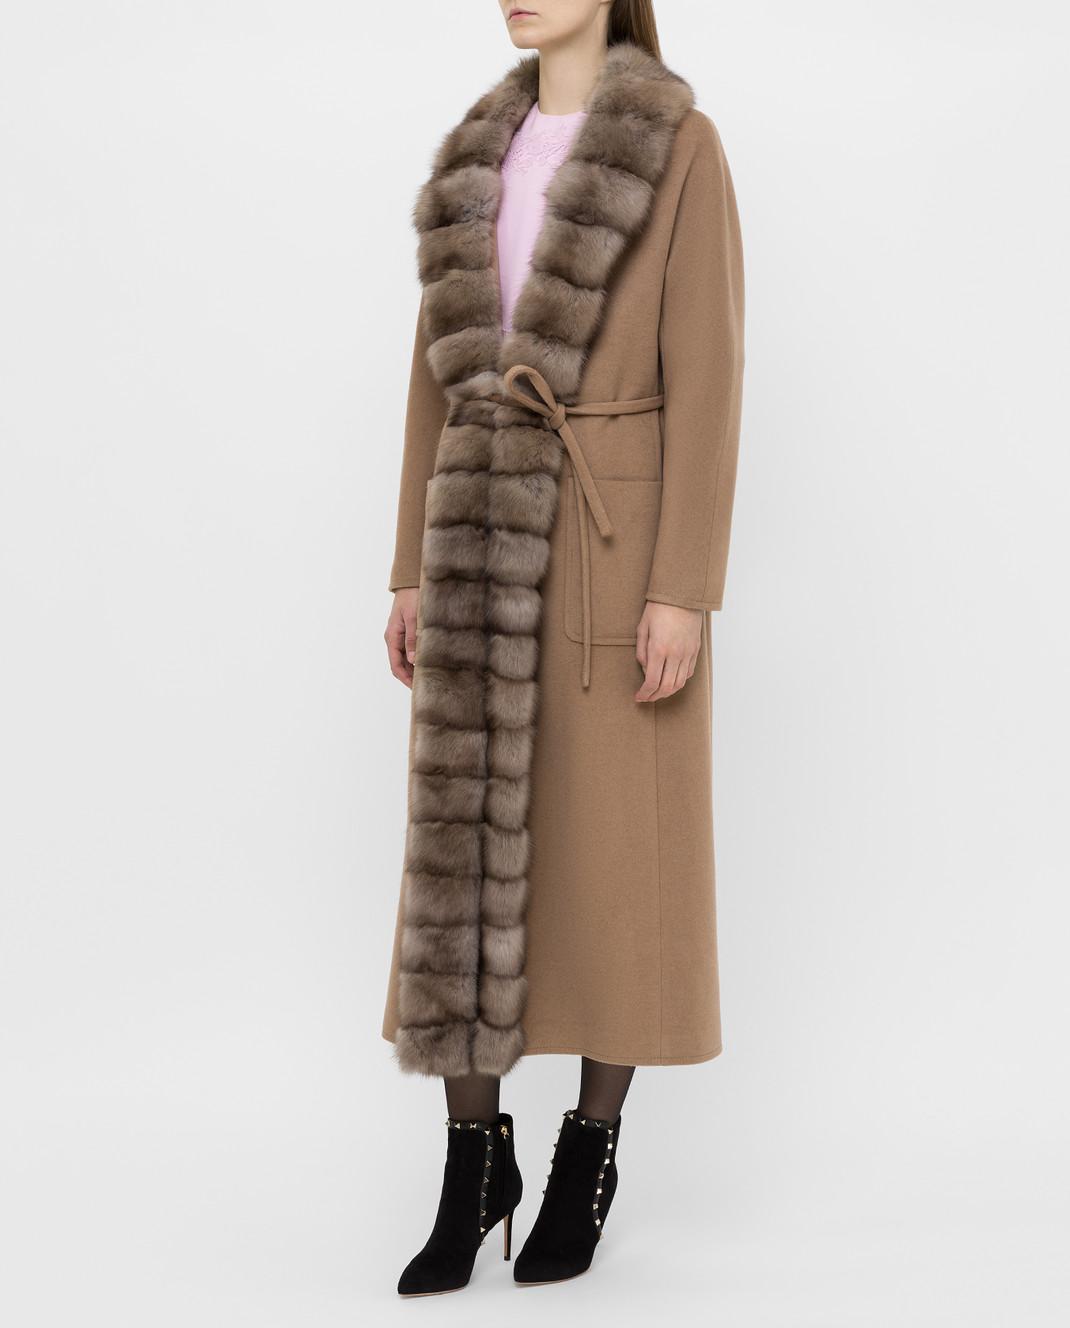 Real Furs House Бежевое пальто из кашемира с мехом соболя изображение 3